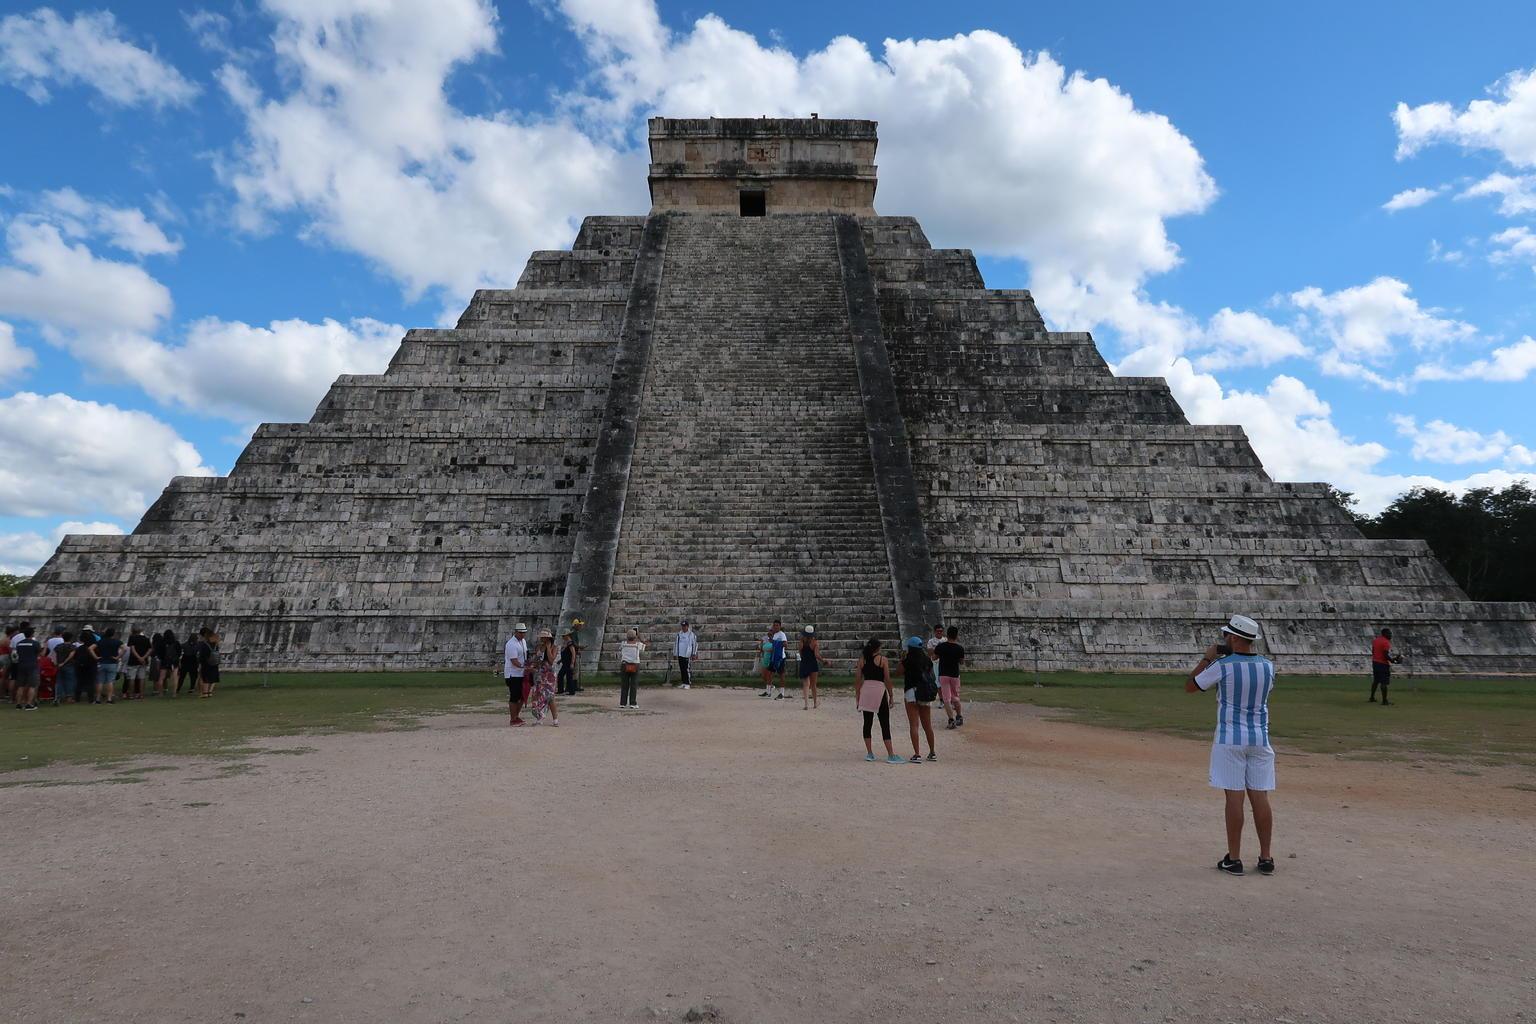 MAIS FOTOS, Chichen Itza All-Inclusive, Valladolid, Tequila tasting, Cenote Swim & Buffet